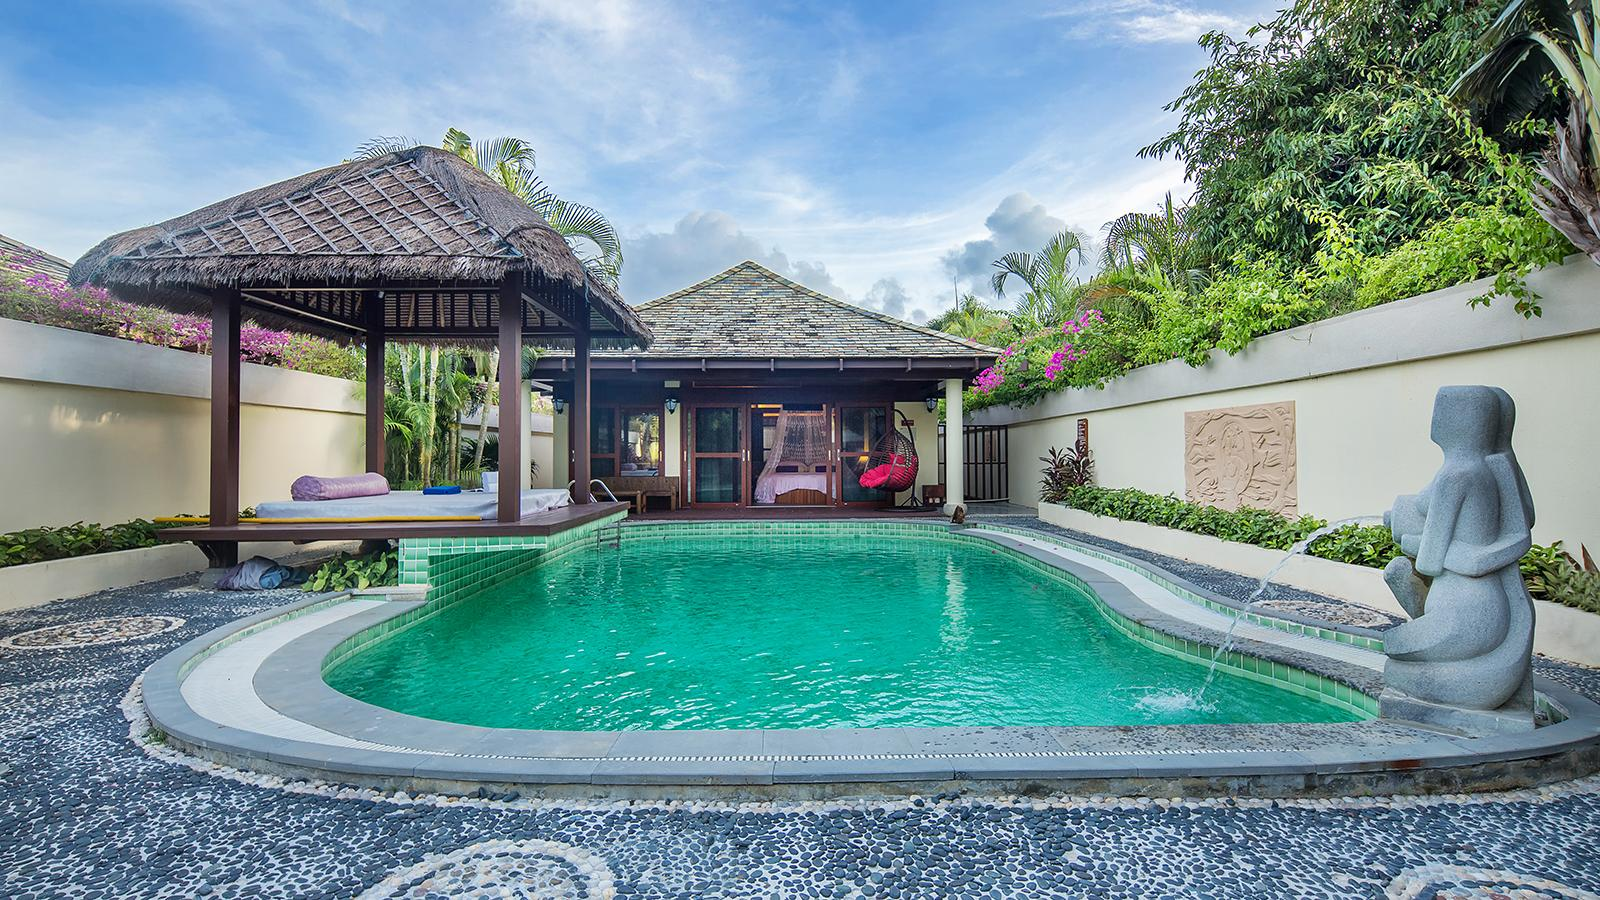 三亞亞龍灣五號度假別墅酒店 (Yalong Bay Villas & Spa) - Agoda 提供行程前一刻網上即時優惠價格訂房服務